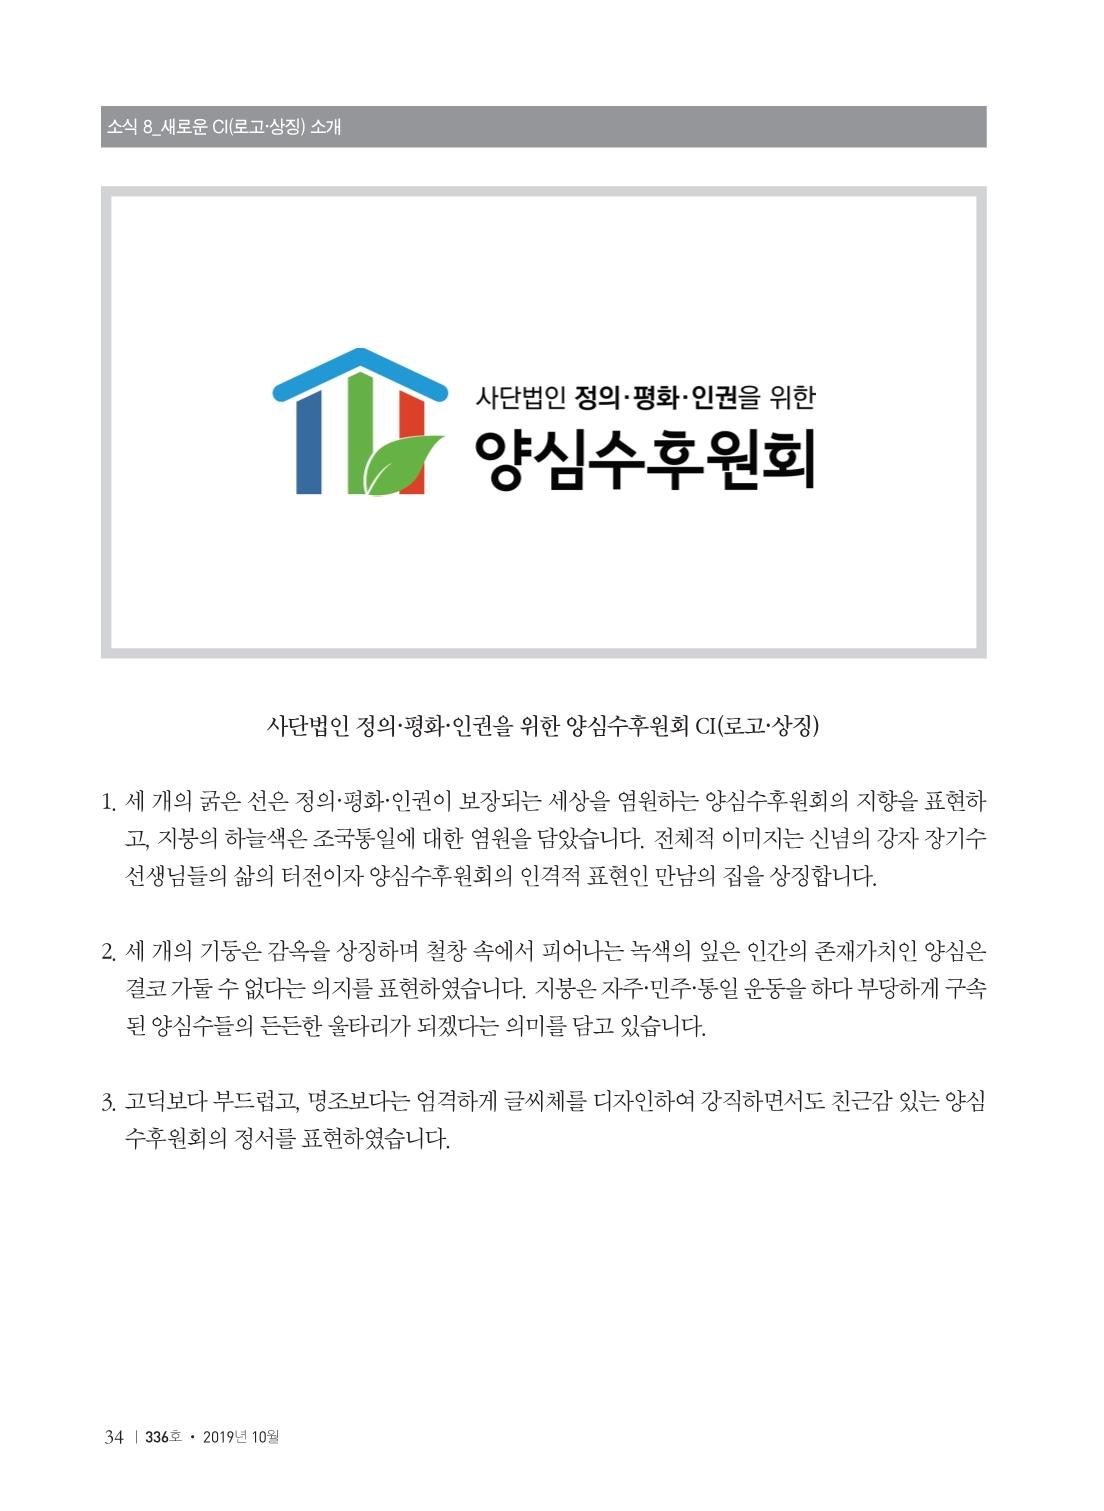 154780e2-c93e-4795-937d-bbcc14642e29.pdf-0036.jpg